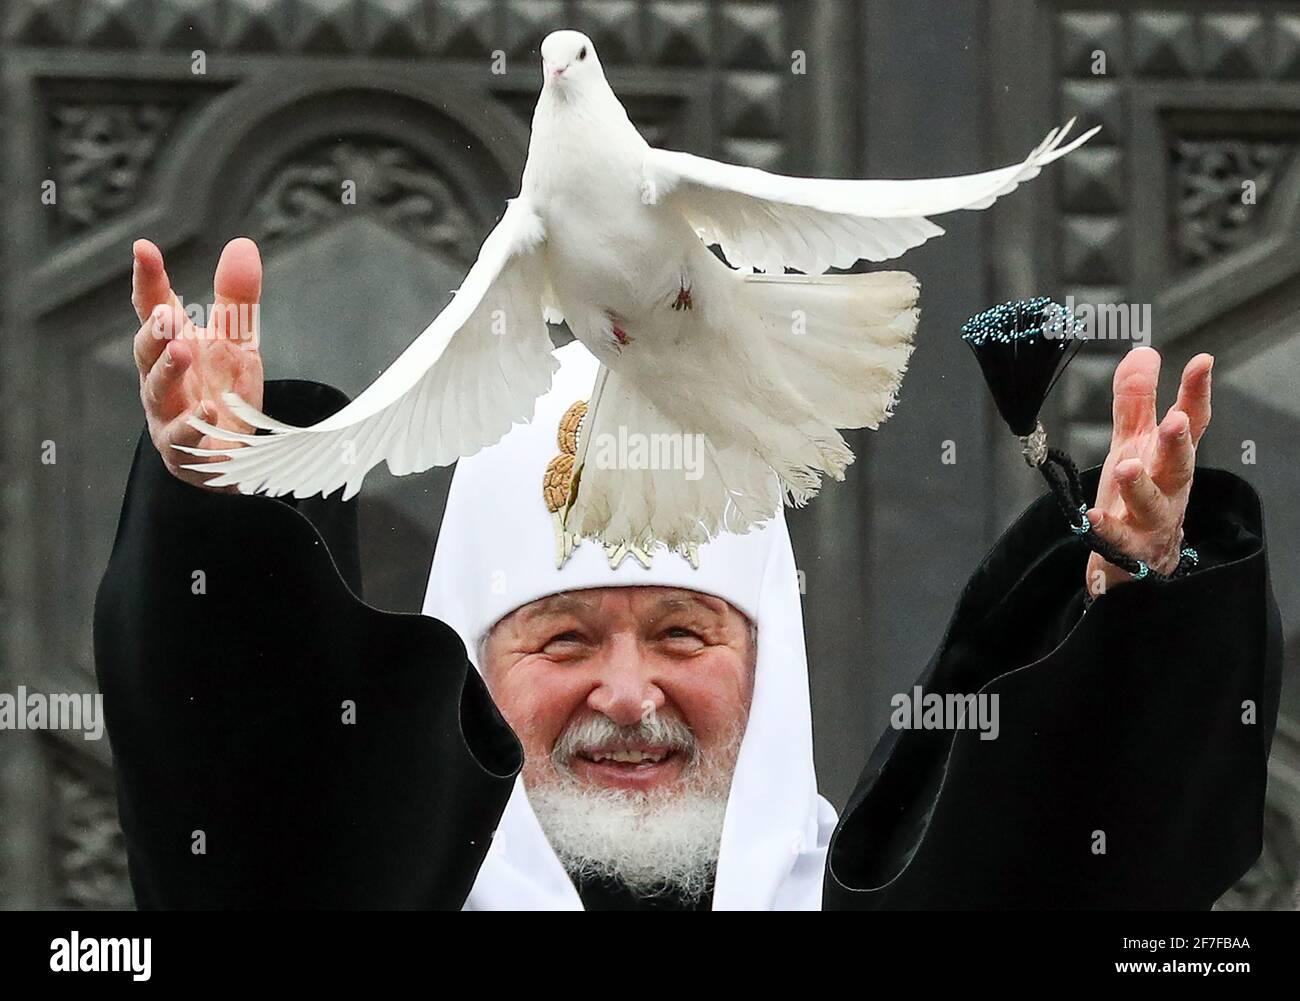 Moscou, Russie. 7 avril 2021. Le Patriarche Kirill de Moscou et toute la Russie libère des colombes dans le ciel pour marquer la fête de l'Annonciation à l'extérieur de la Cathédrale du Christ Sauveur. Credit: Mikhail Tereshchenko/TASS/Alay Live News Banque D'Images